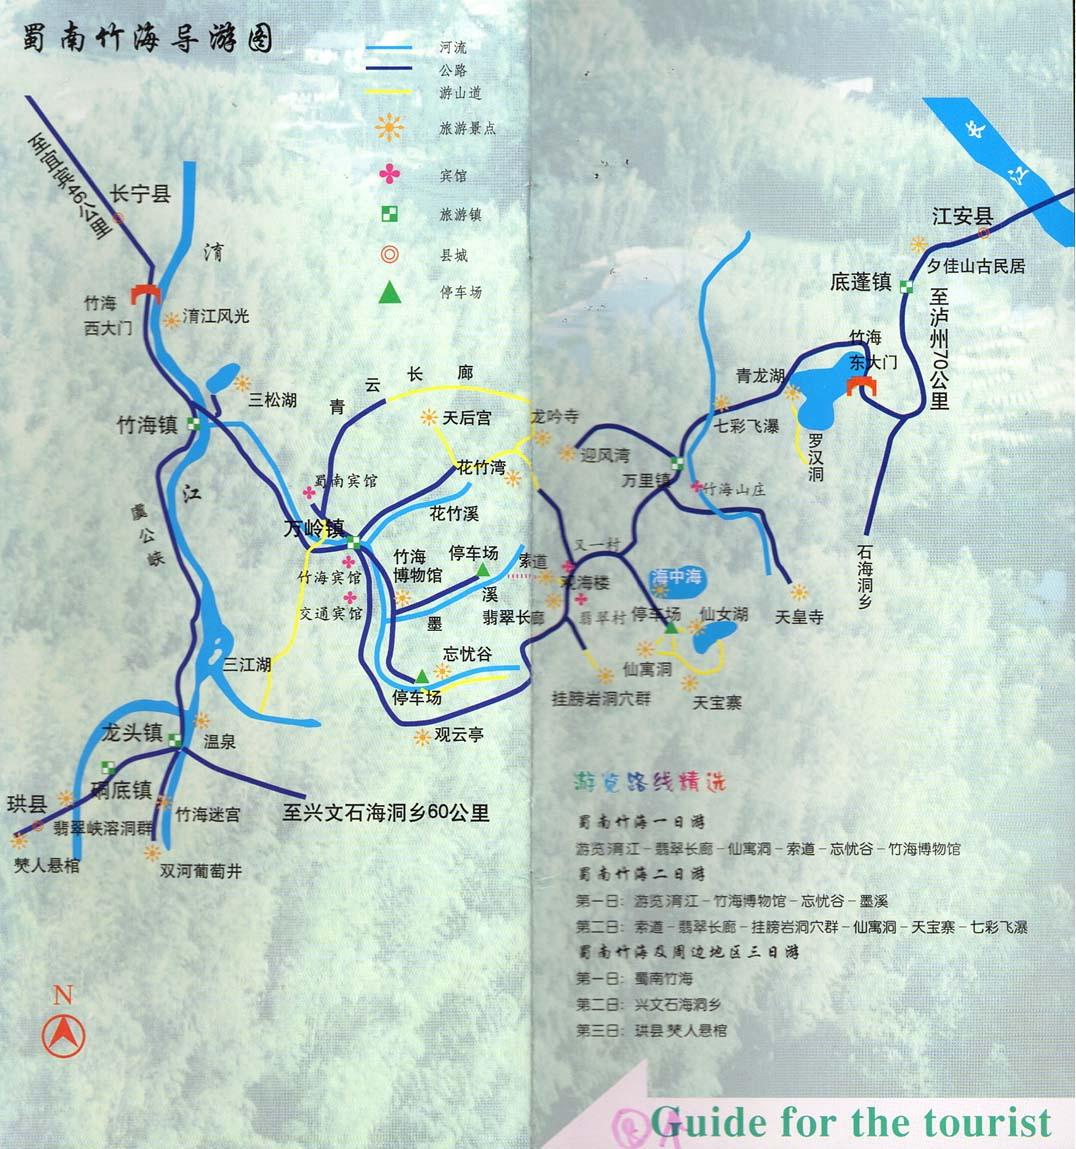 旅游指南--景区导游地图